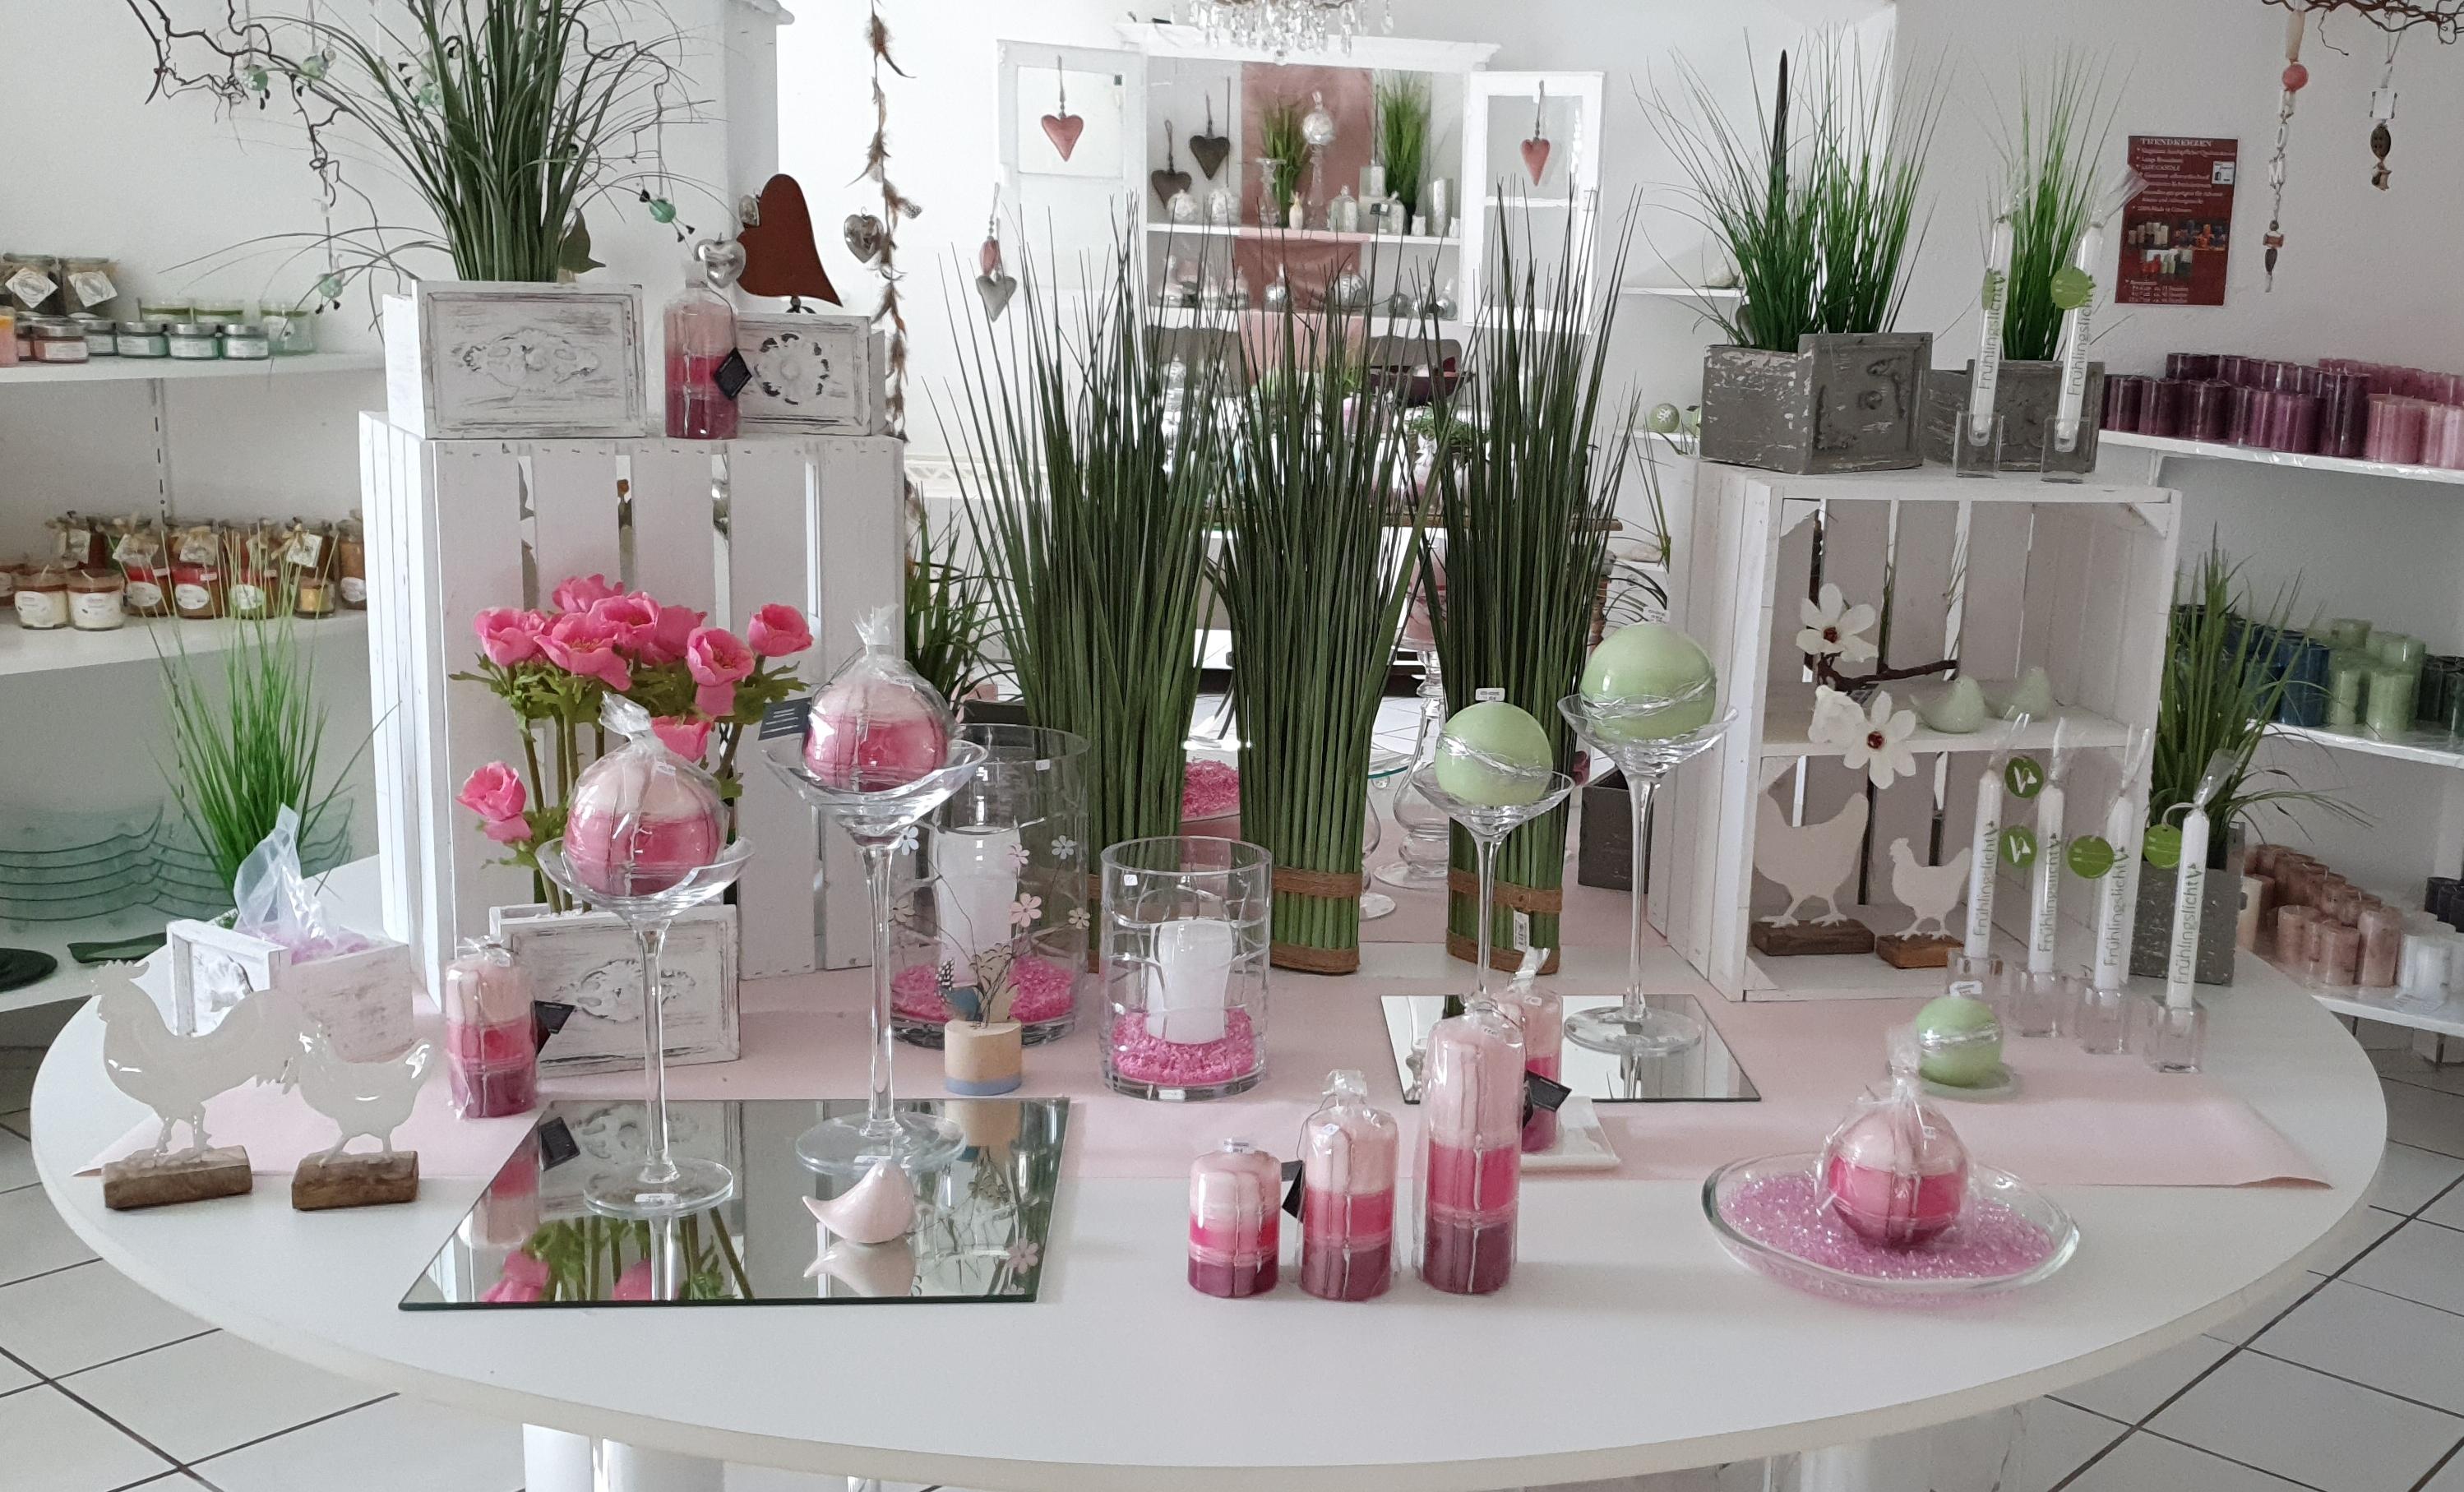 Kerzenfachgeschaeft-Fluegel-2020-Fr-hjahr-Mitteltisch